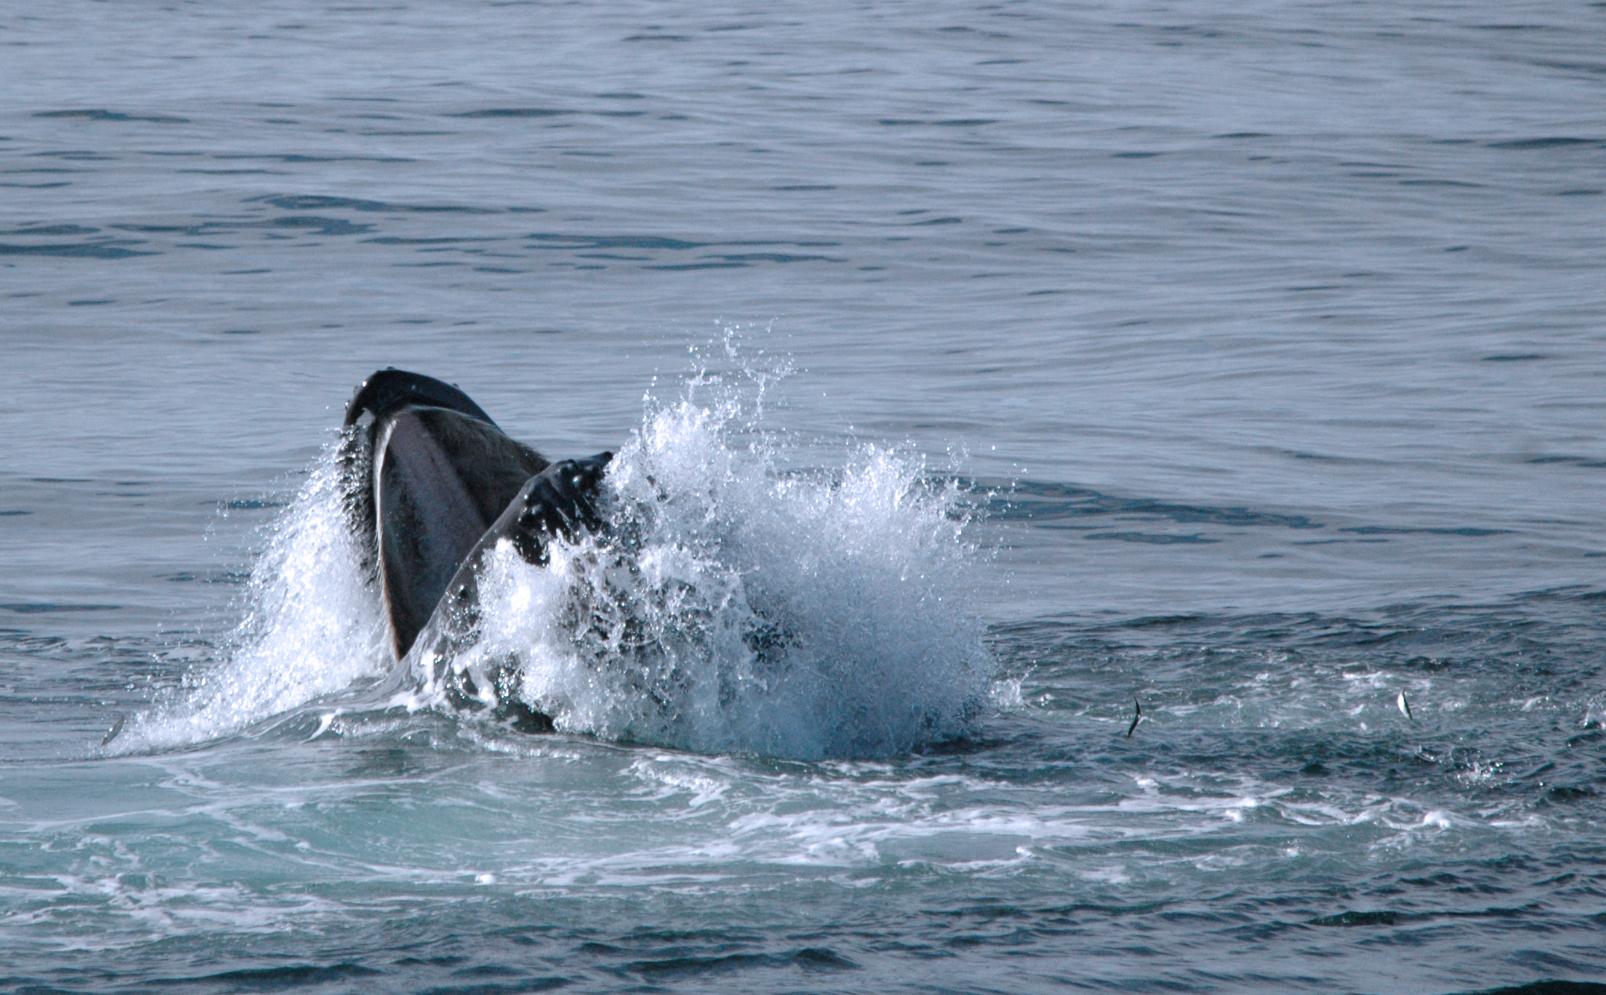 Knølhval angriper ungsild med åpent gap i sørlige Barentshavet hvor flere sild er synlige i løse luften.